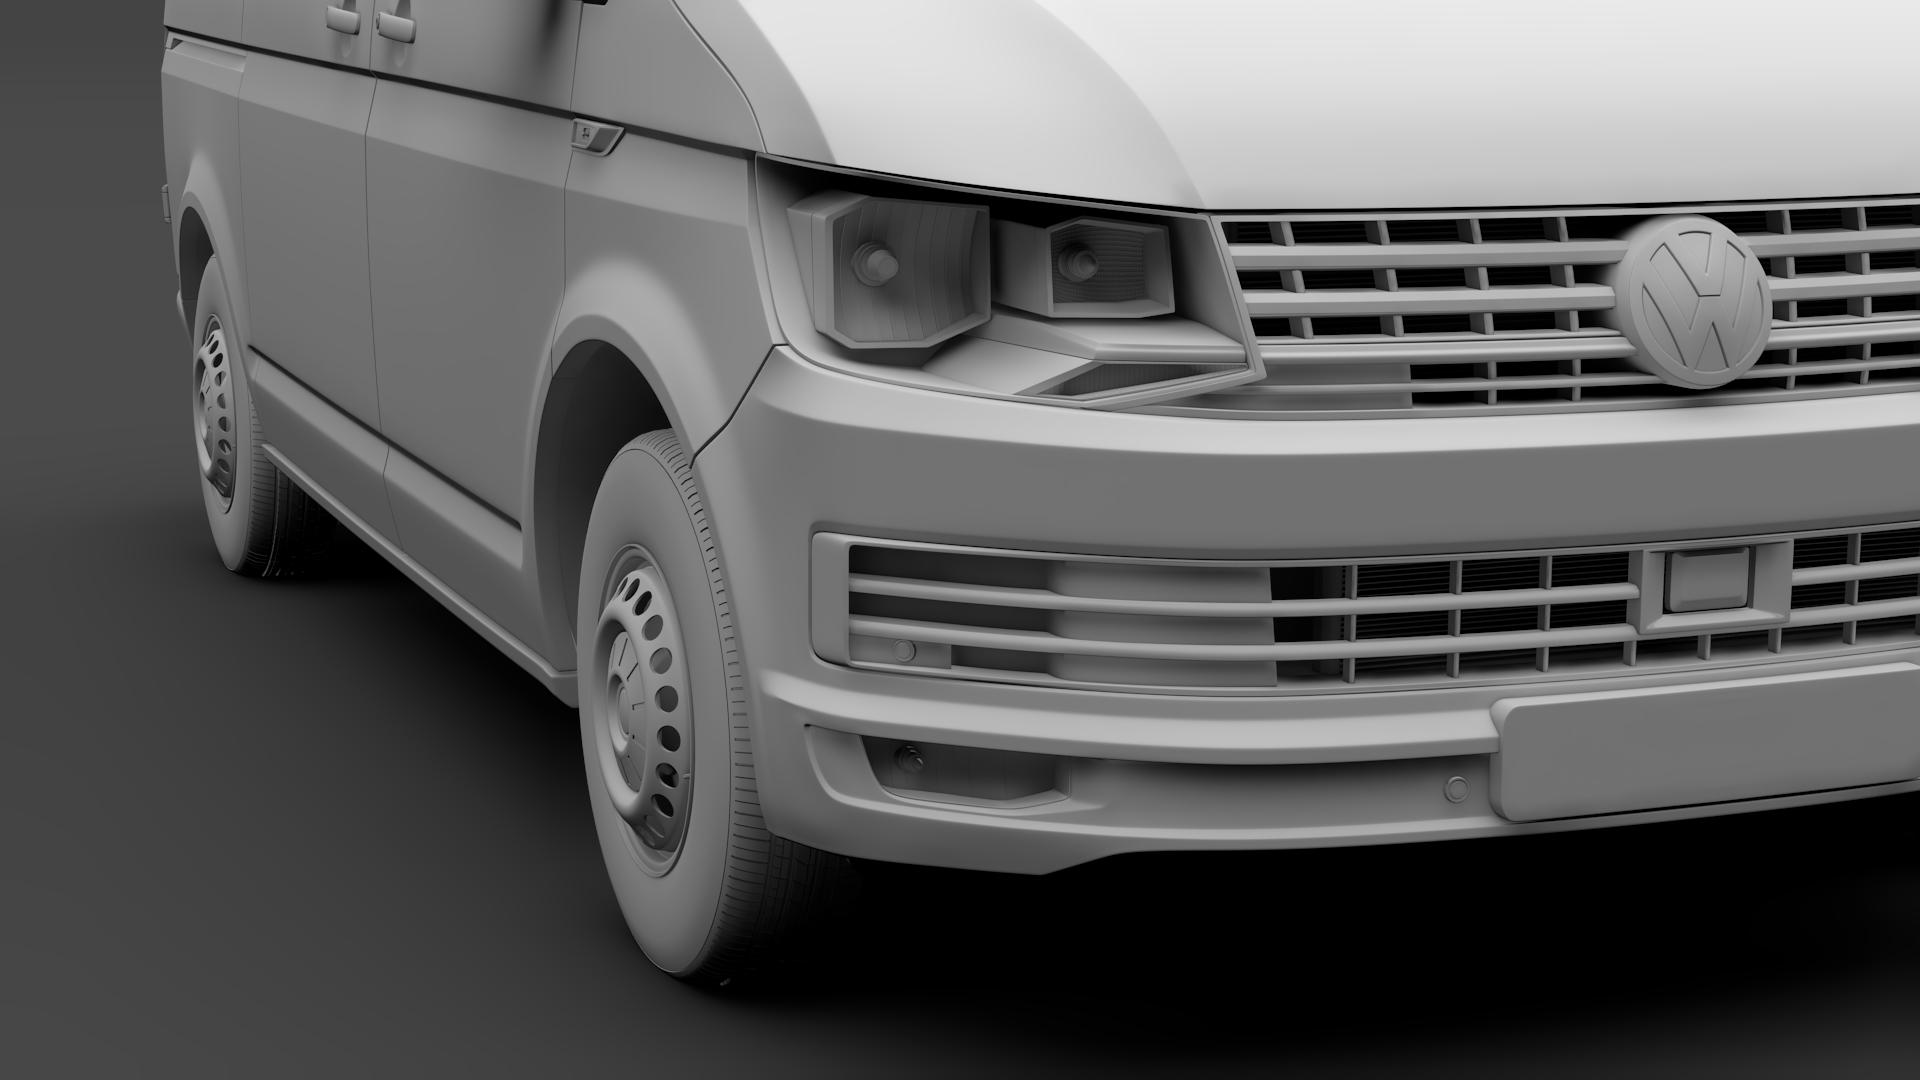 volkswagen transporter van l1h1 t6 2017 3d model fbx c4d lwo ma mb hrc xsi obj 275131